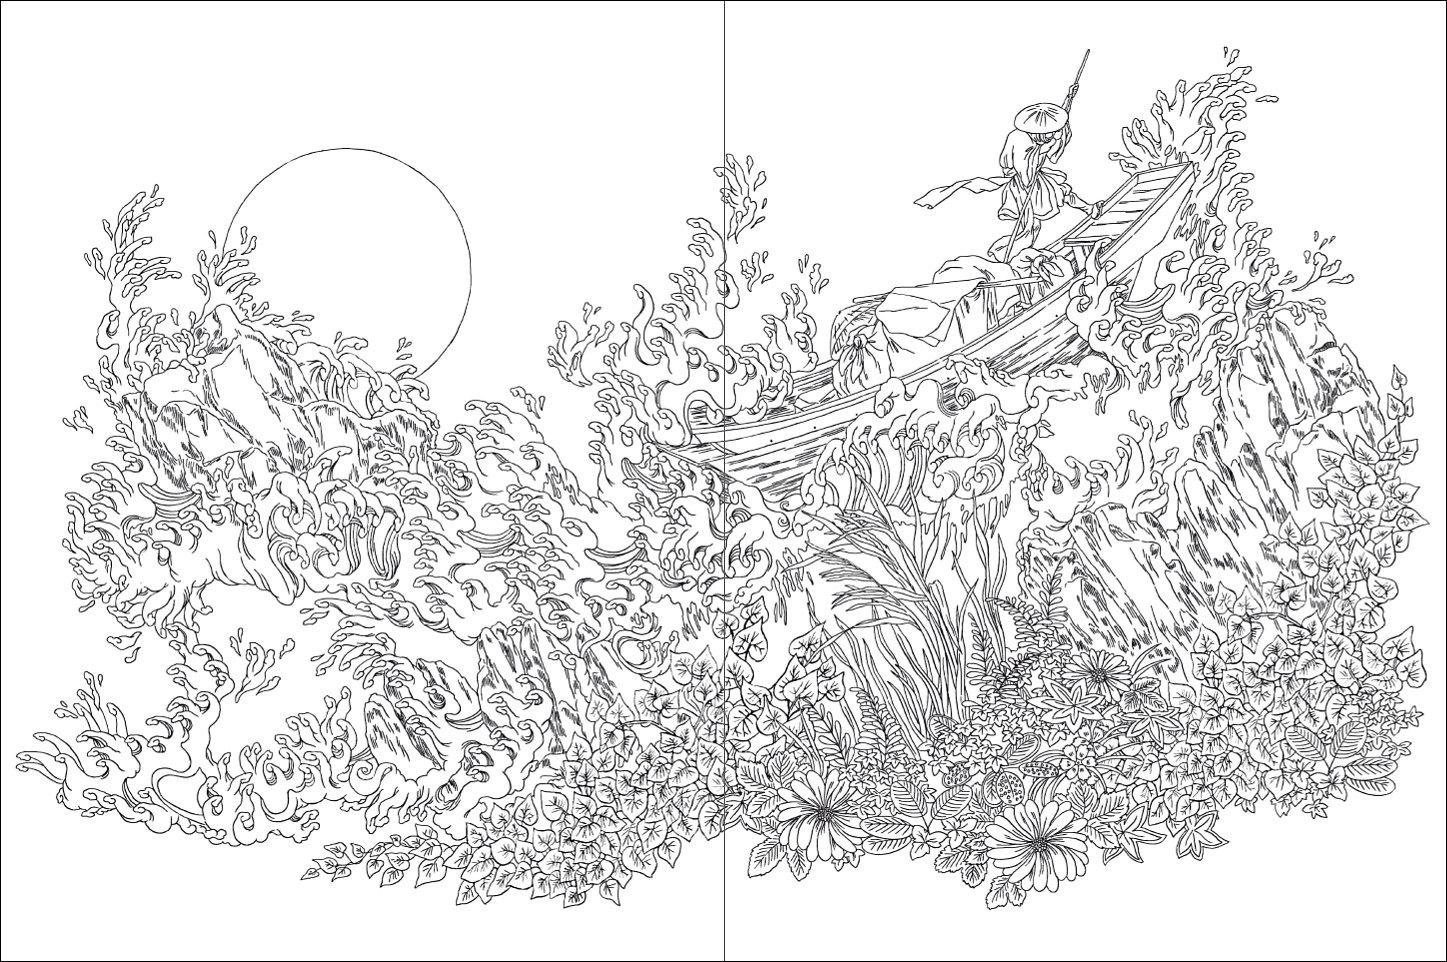 Les Saisons Du Japon Coloriages Zen Et Haikus Amazoncouk Nancy Pena 9782954312583 Books